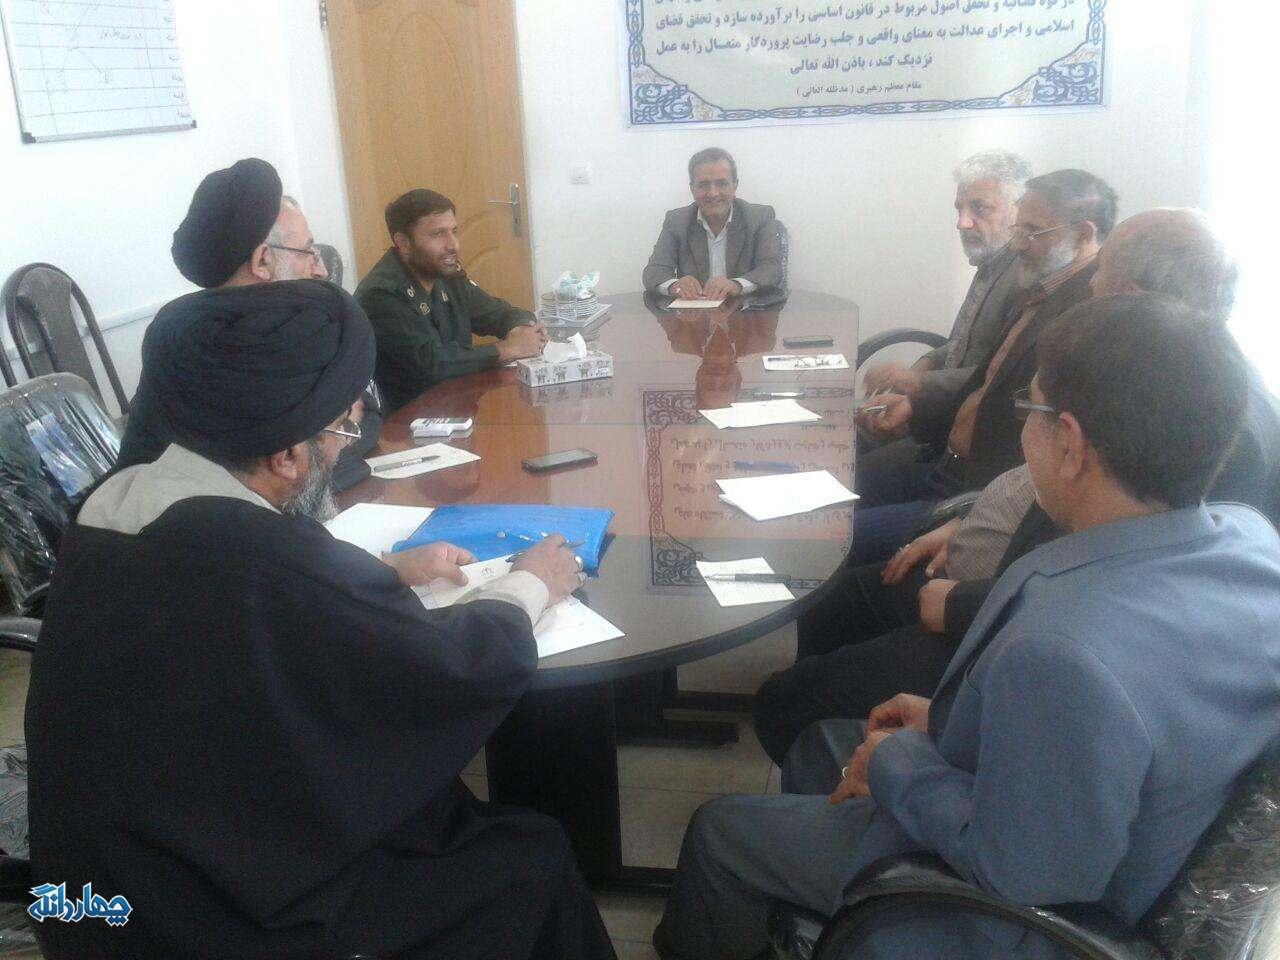 برگزاری جلسه ستاد یادواره سرداران و ۲۱۰ شهید چهاردانگه